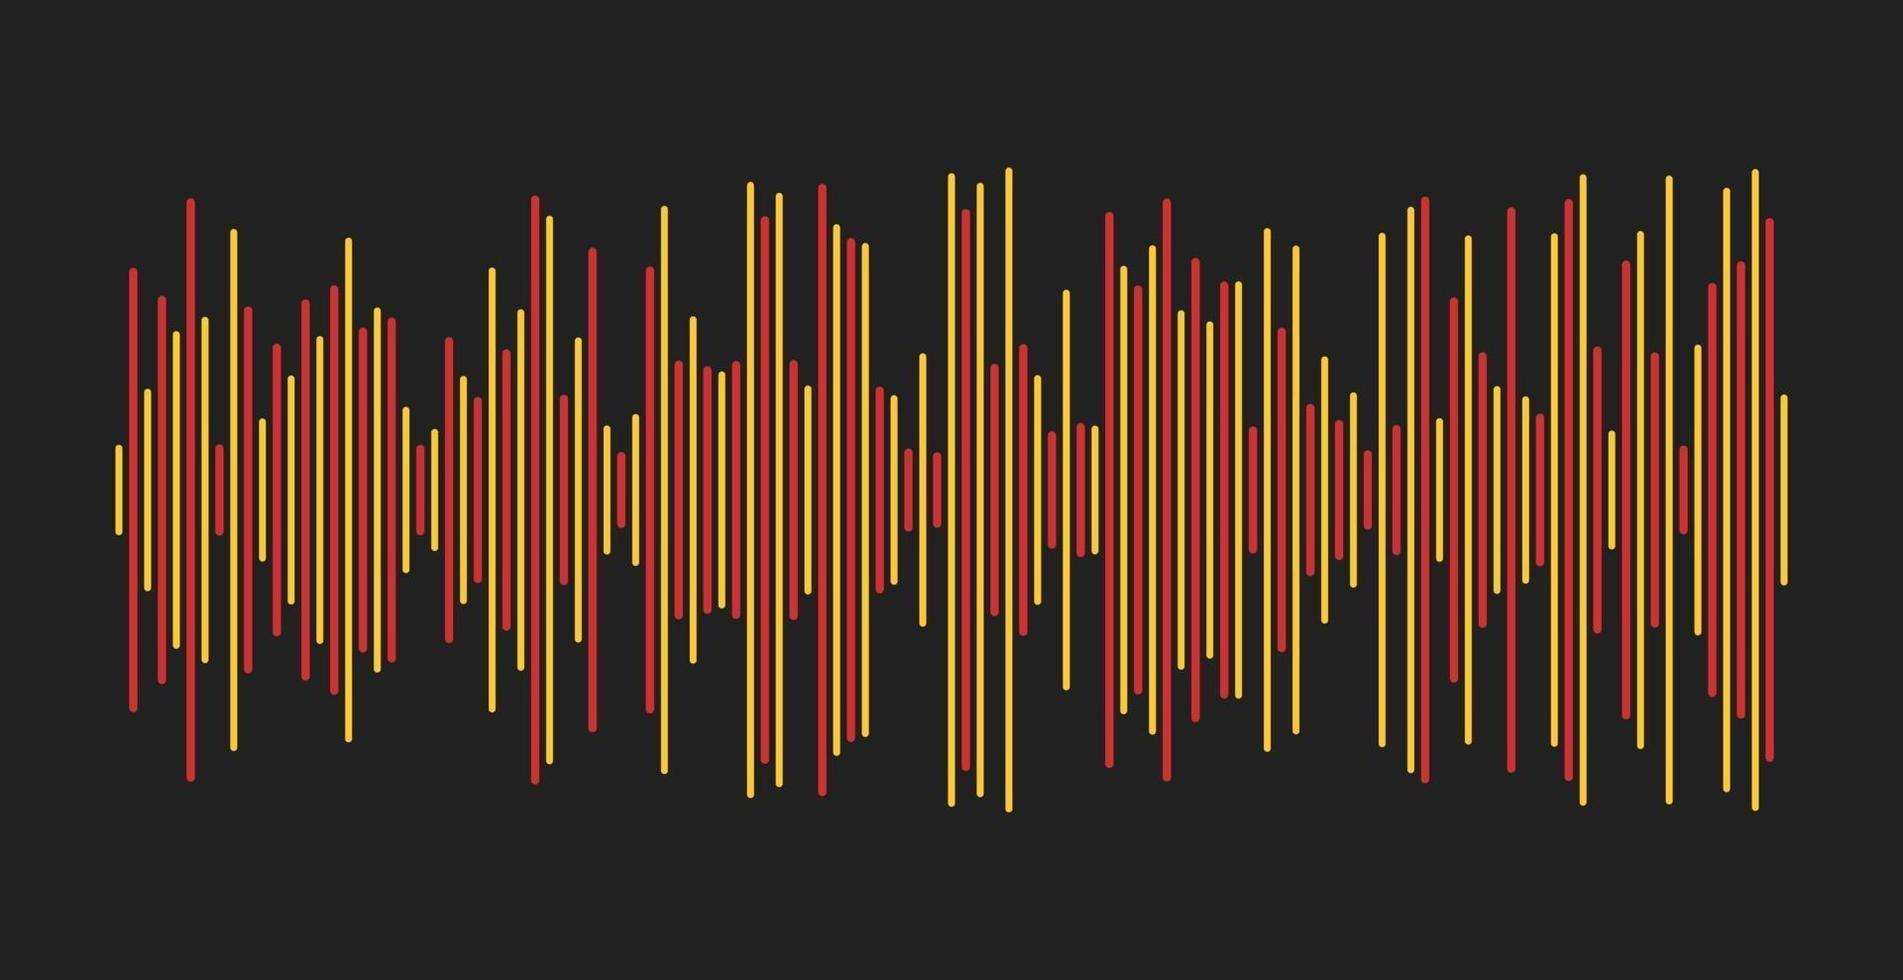 tvåfärgad ljudvåg på en mörk bakgrund vektor